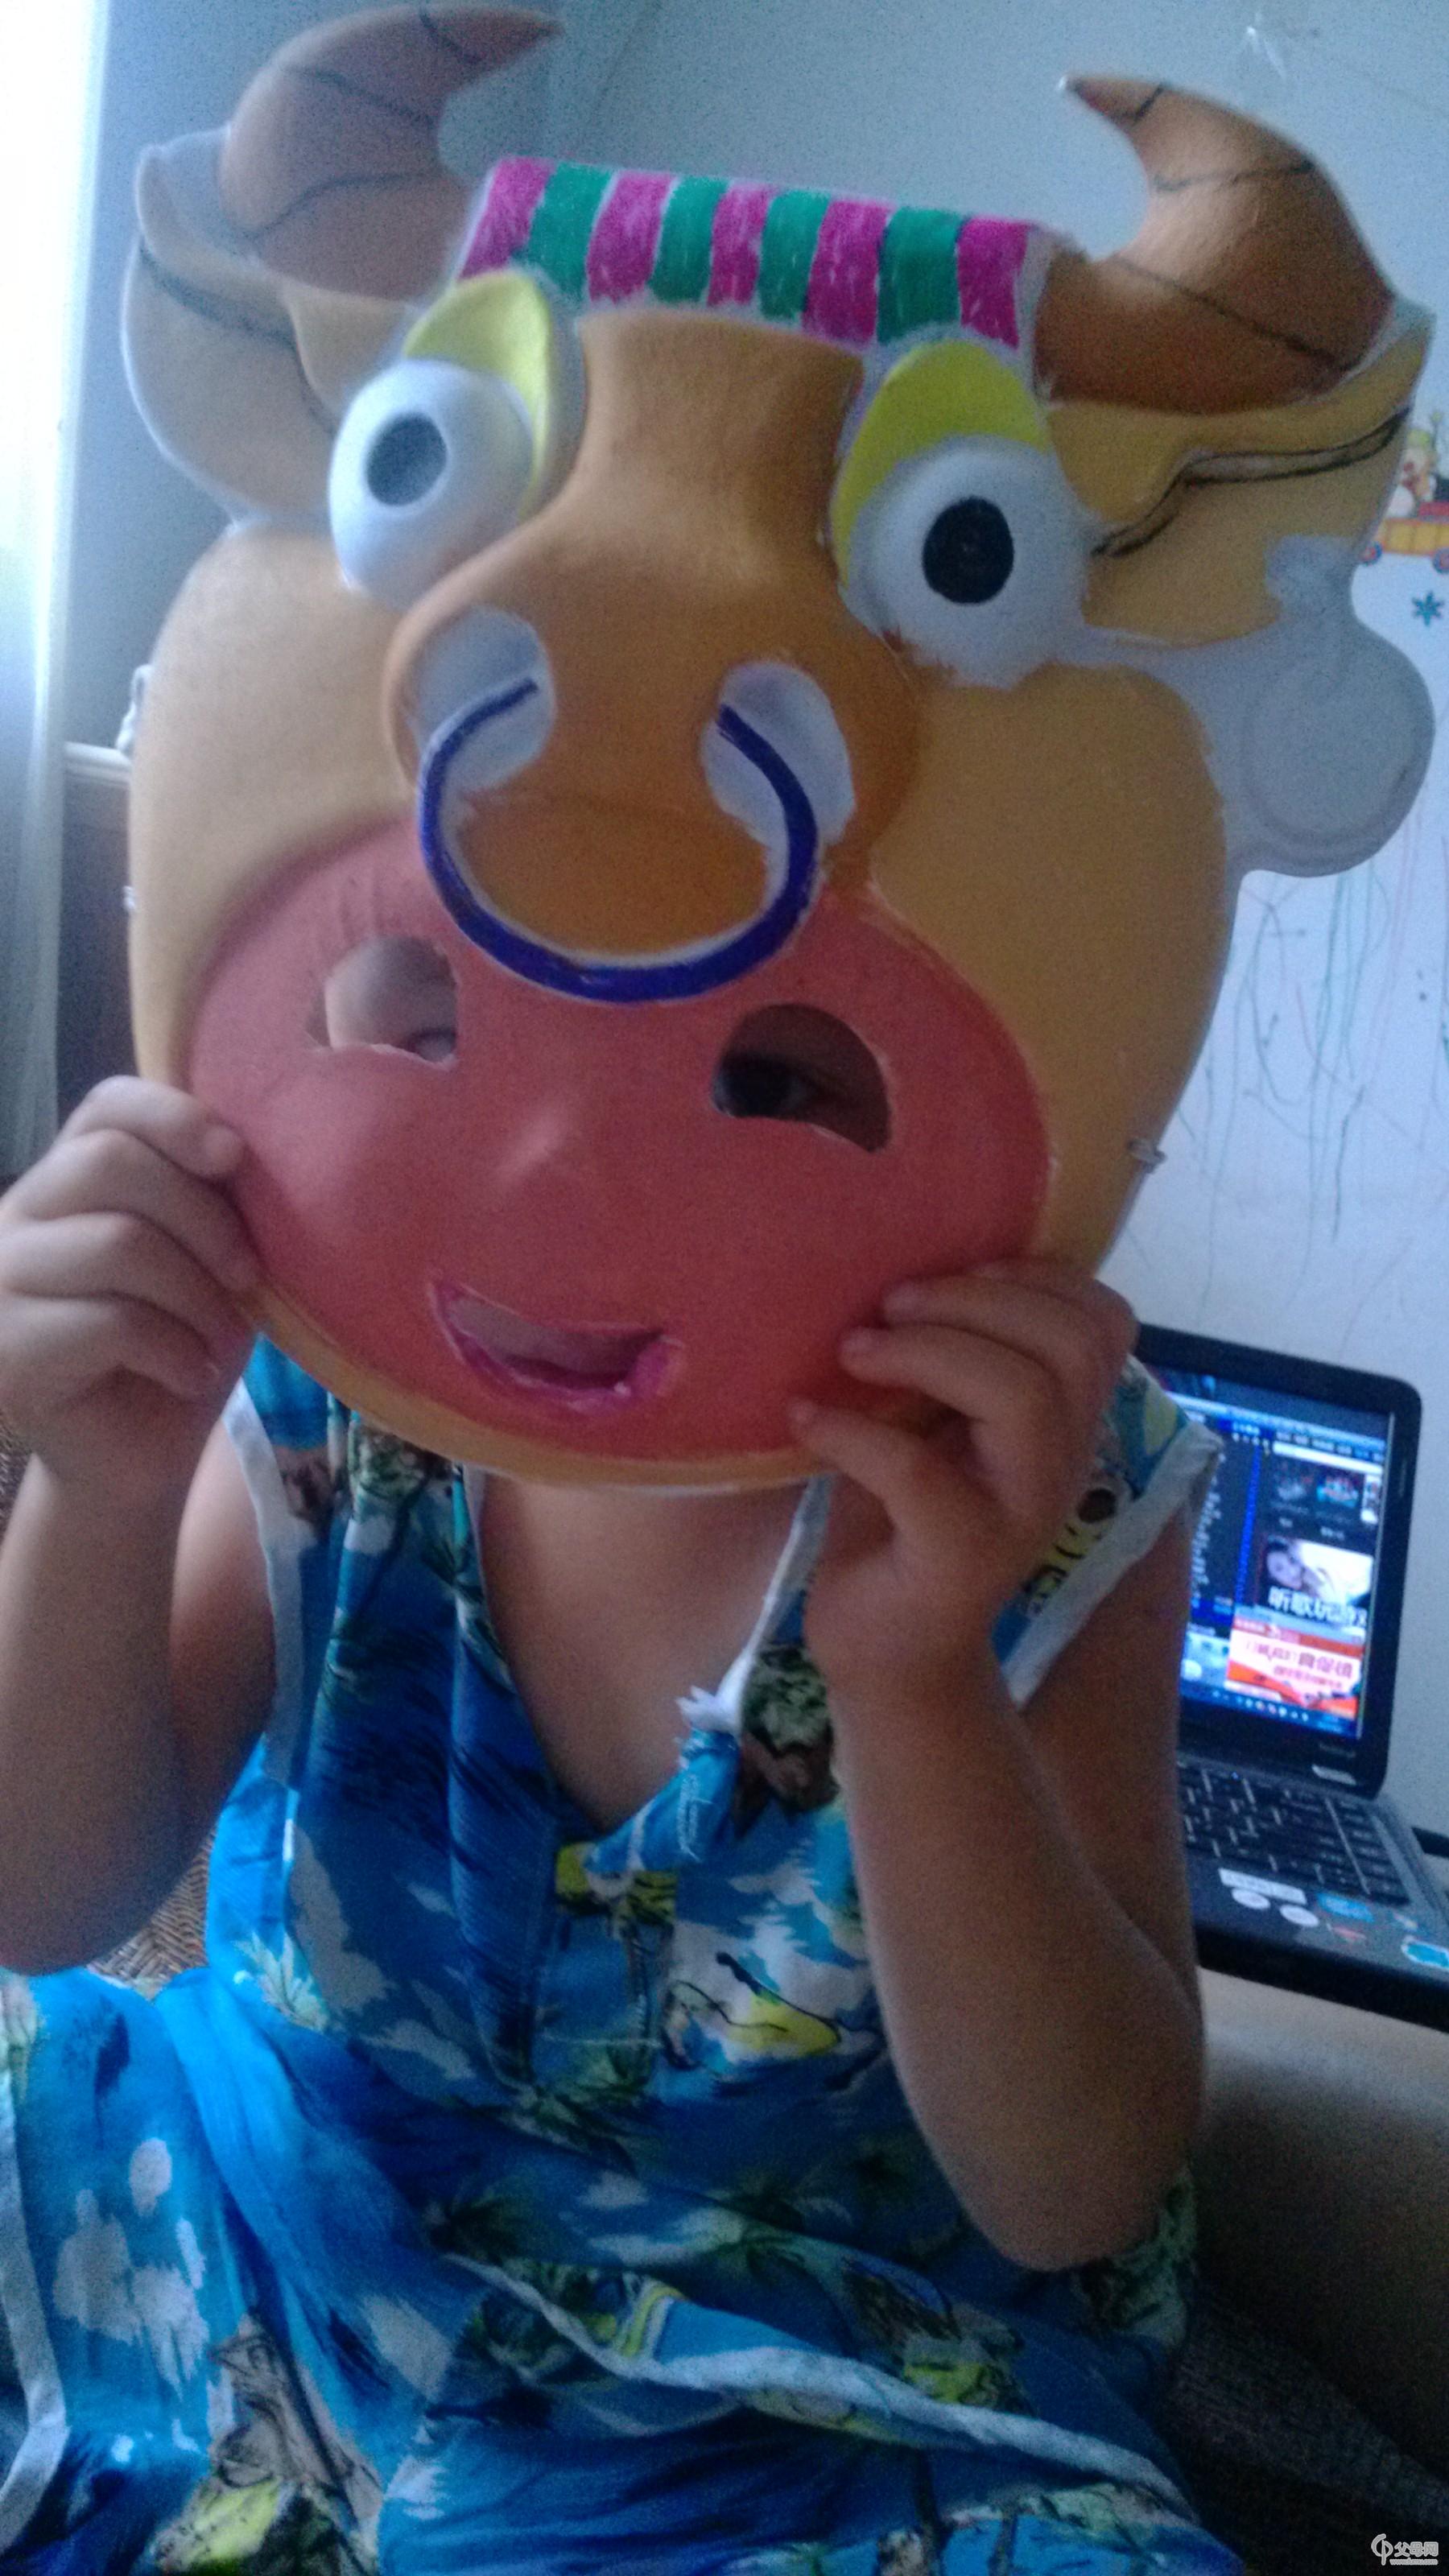 正好有生肖牛的面具,和牛牛真是绝配,又挑了两个其他的样式,老公,我